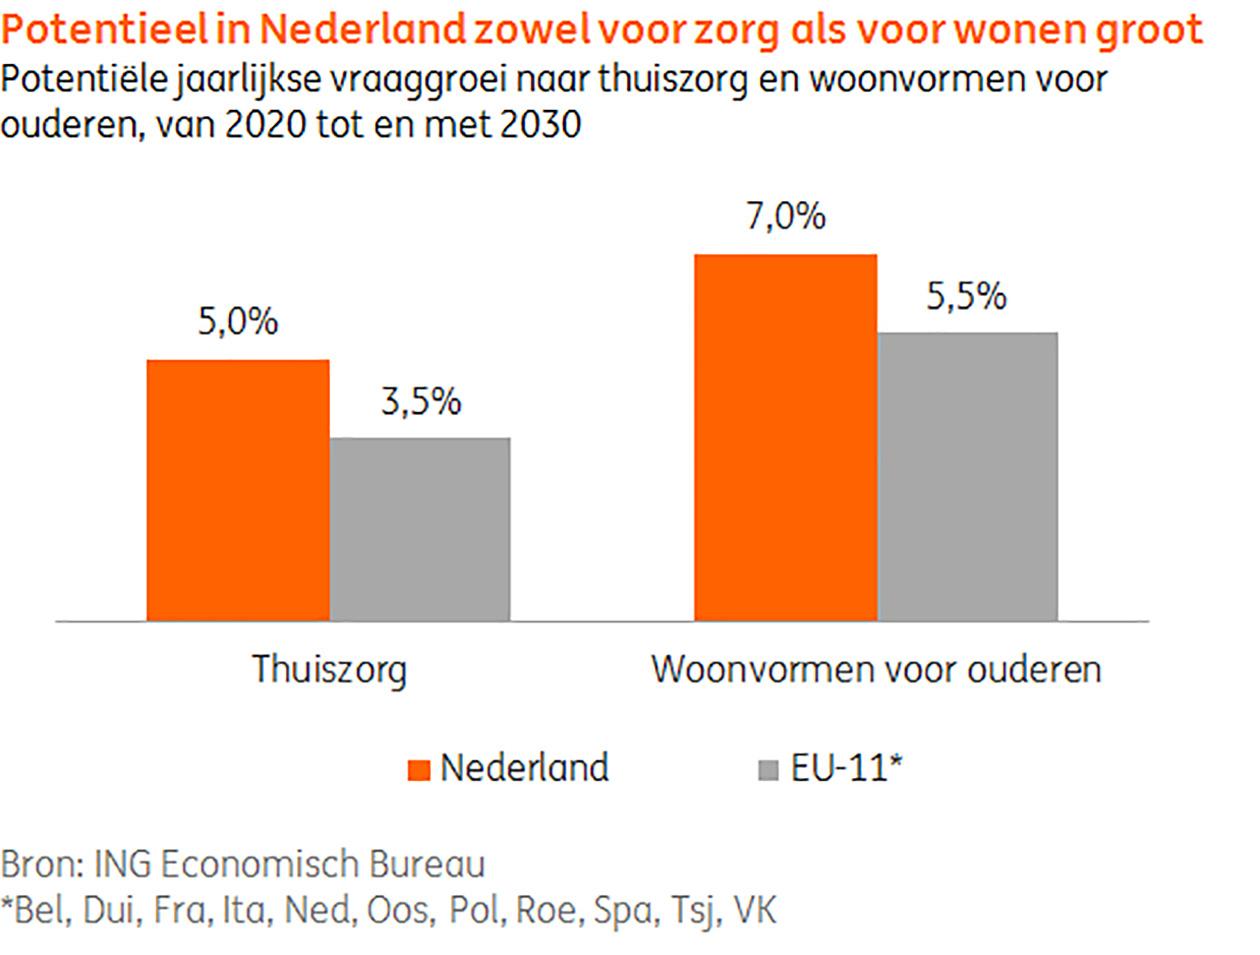 Potentieel in Nederland zowel voor zorg als voor wonen groot